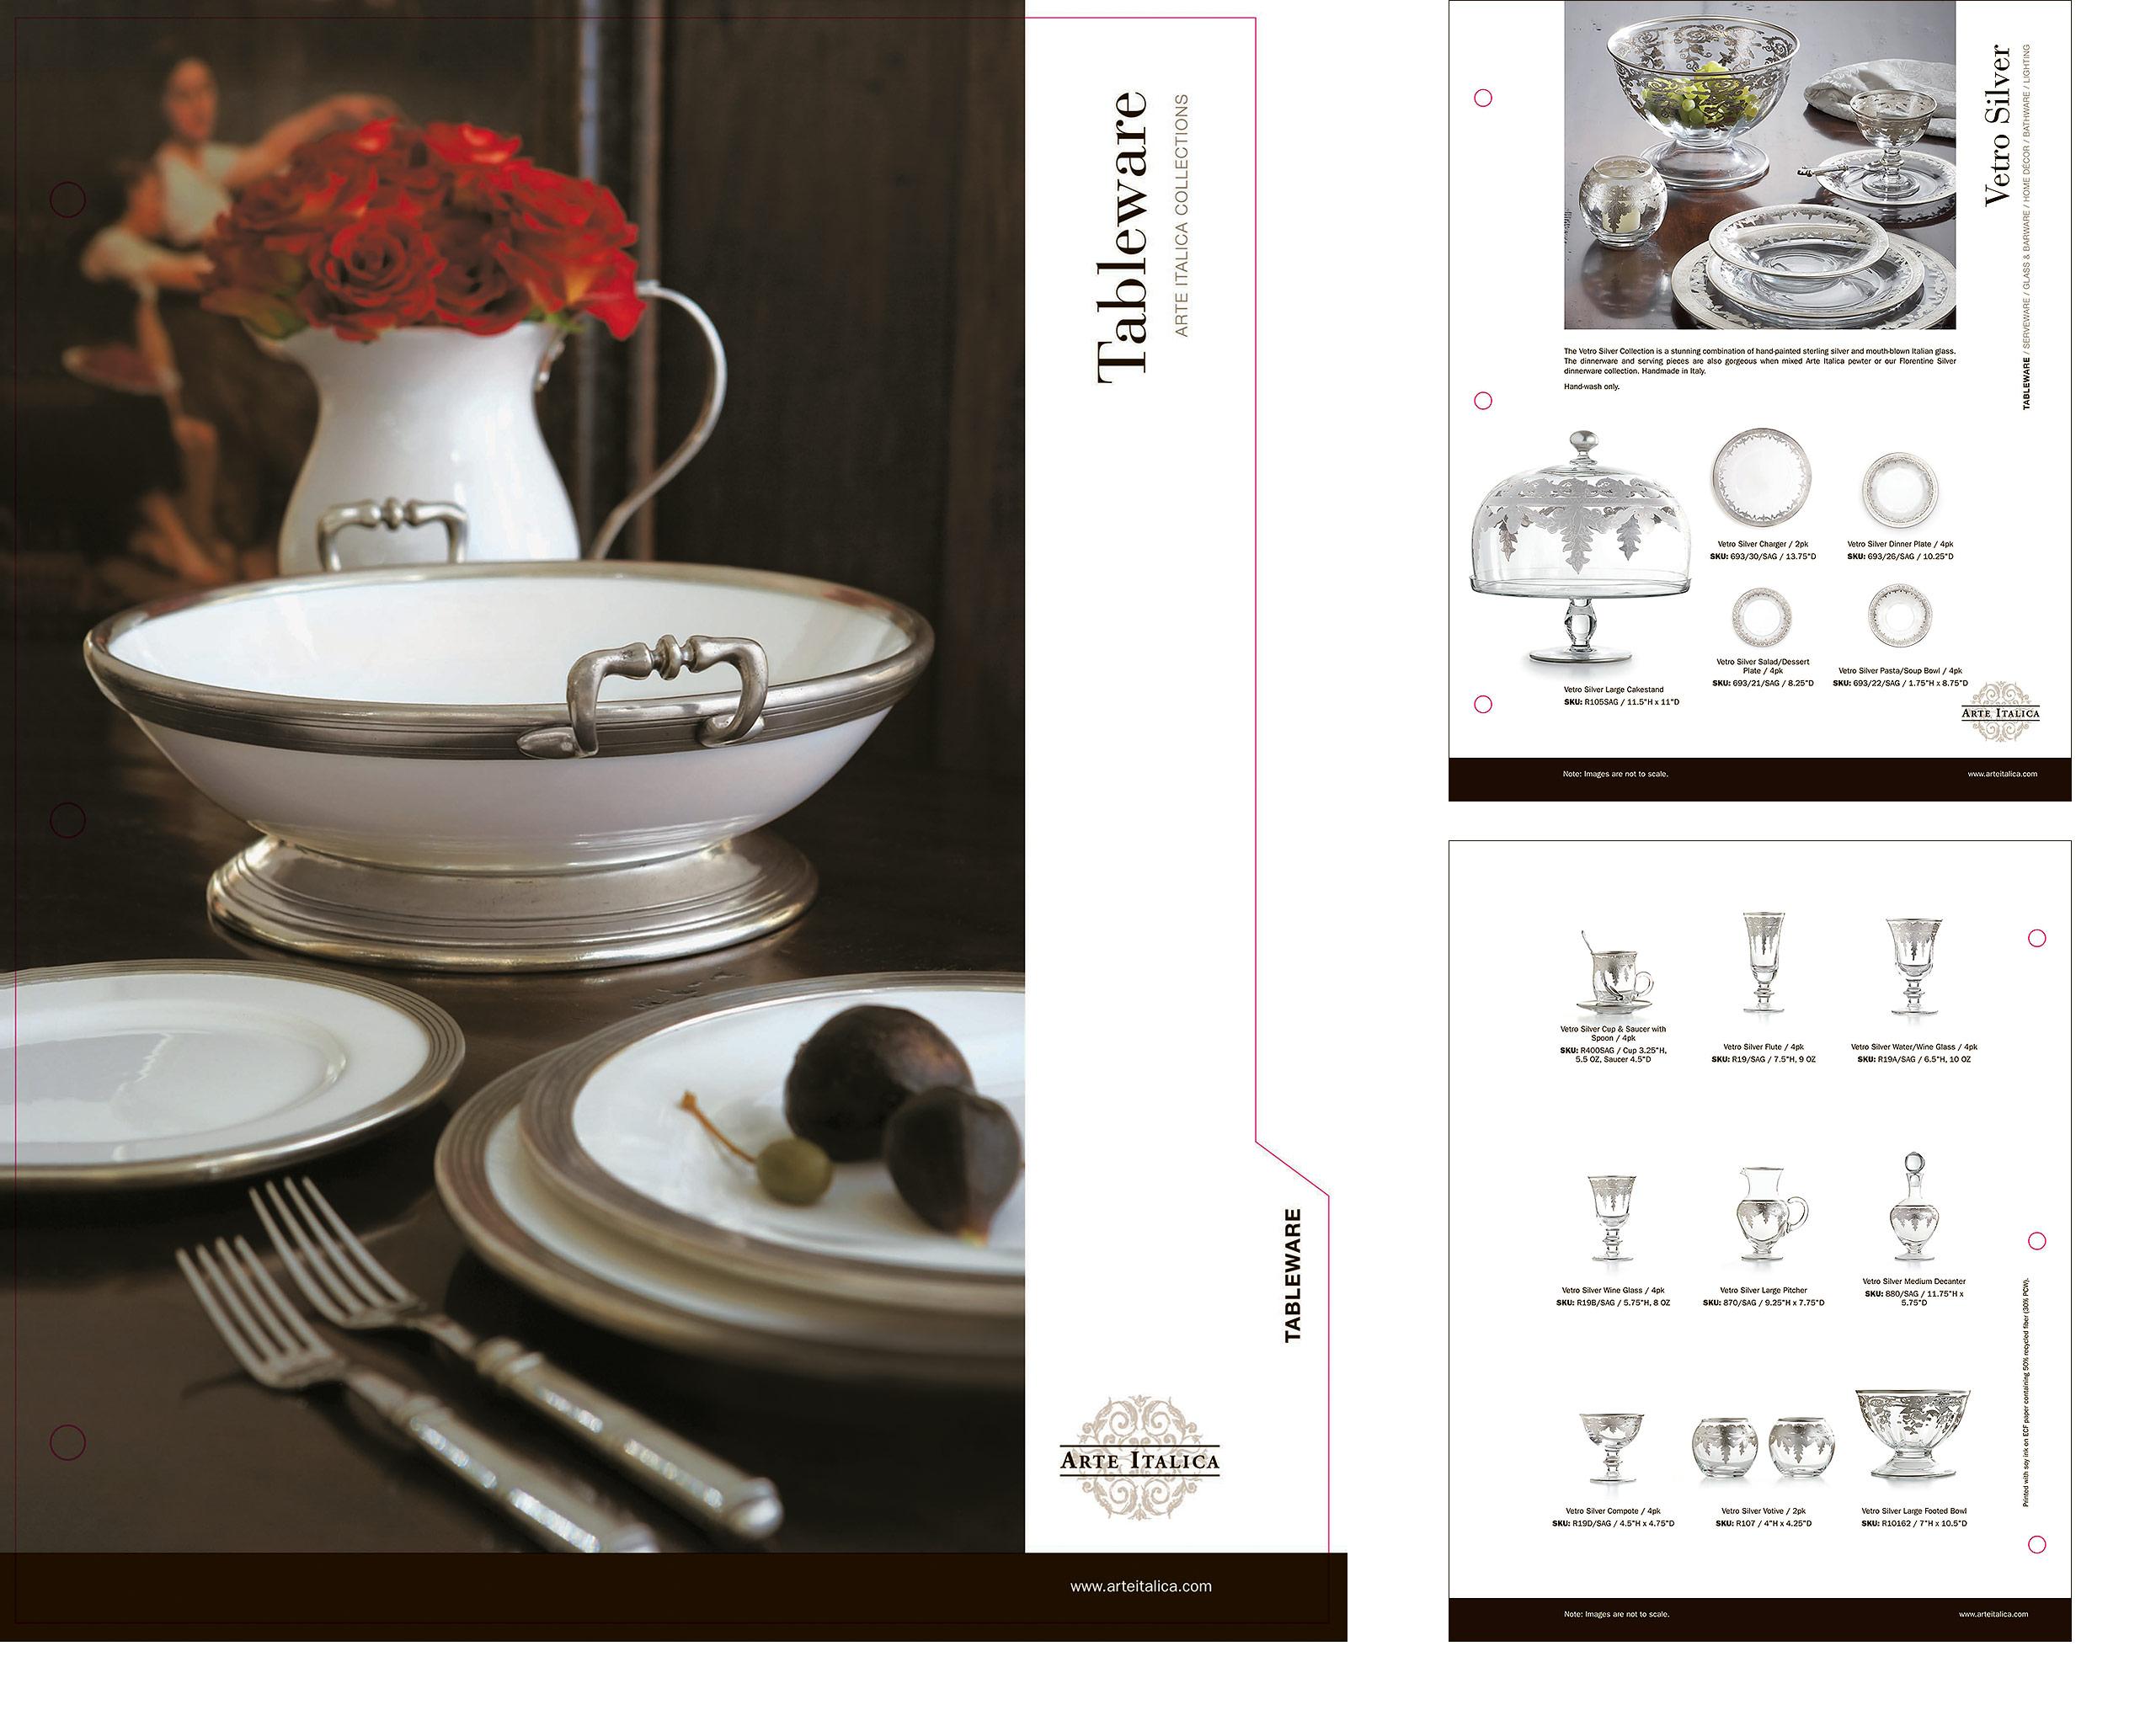 arte italica catalog 3